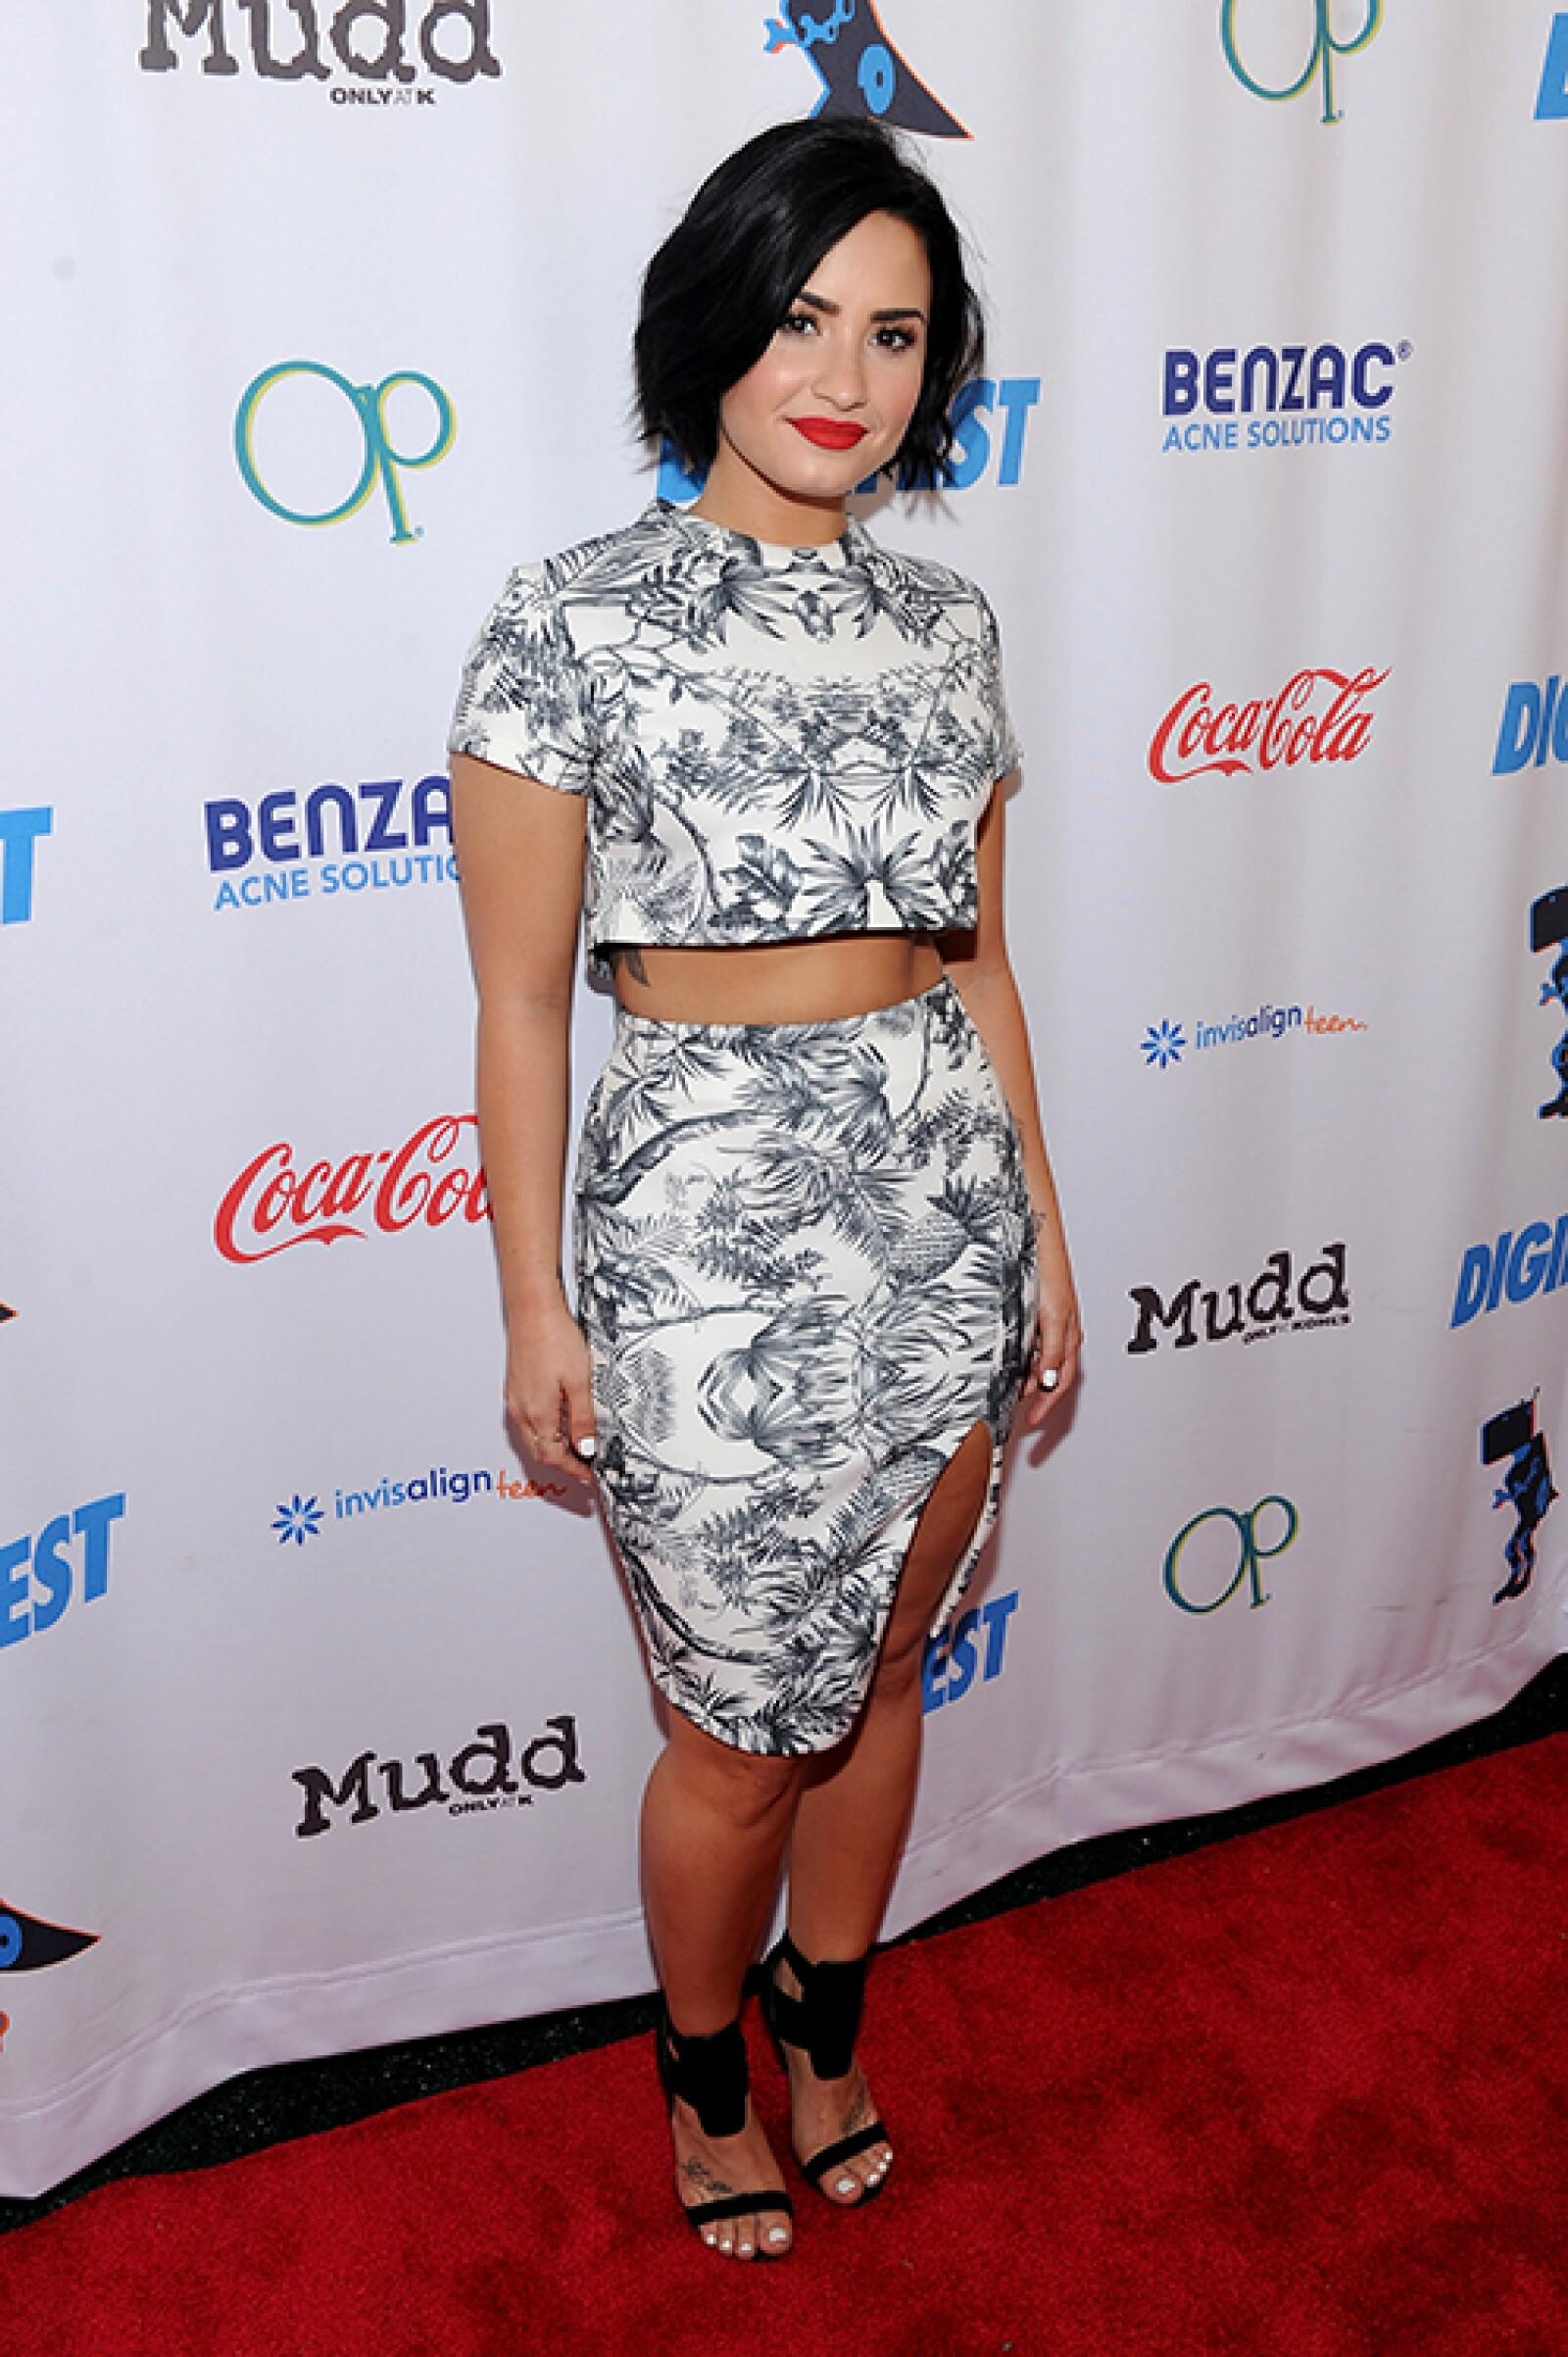 Demi ha acabado con los kilos de más y ahora luce un abdomen plano y marcado.